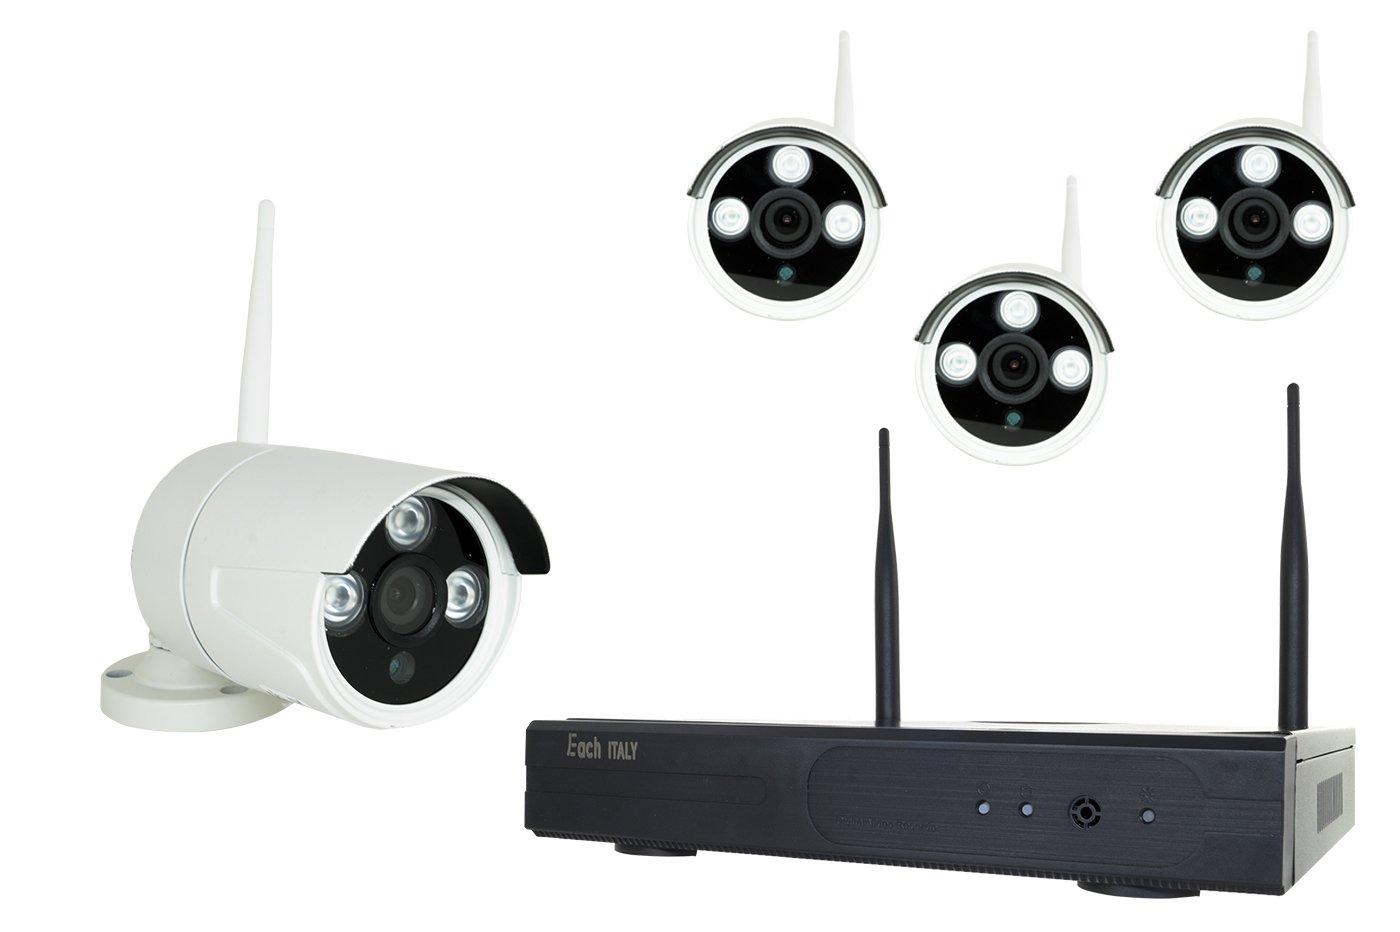 Kit Videoüberwachung NVR 4 Kameras HDMI LAN WLAN VGA 8806zl3 – 4